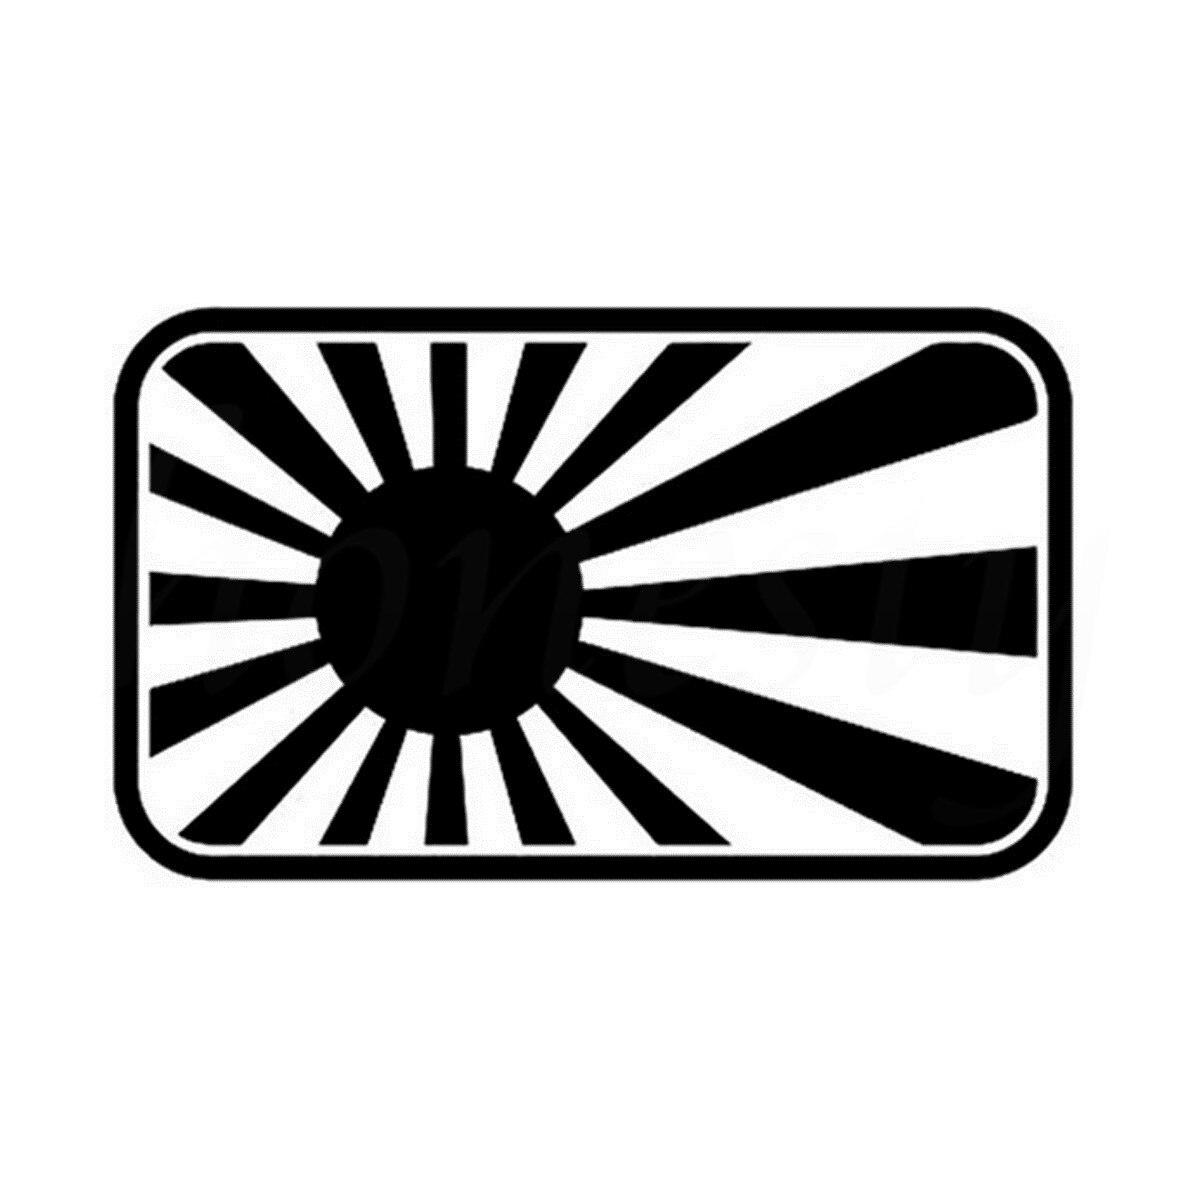 JDM японский флаг автомобиля Стикеры стены дома Стекло окна, двери ноутбука авто грузовик бампер Ван Виниловые наклейки Черный 18.0 см x 10.9 см